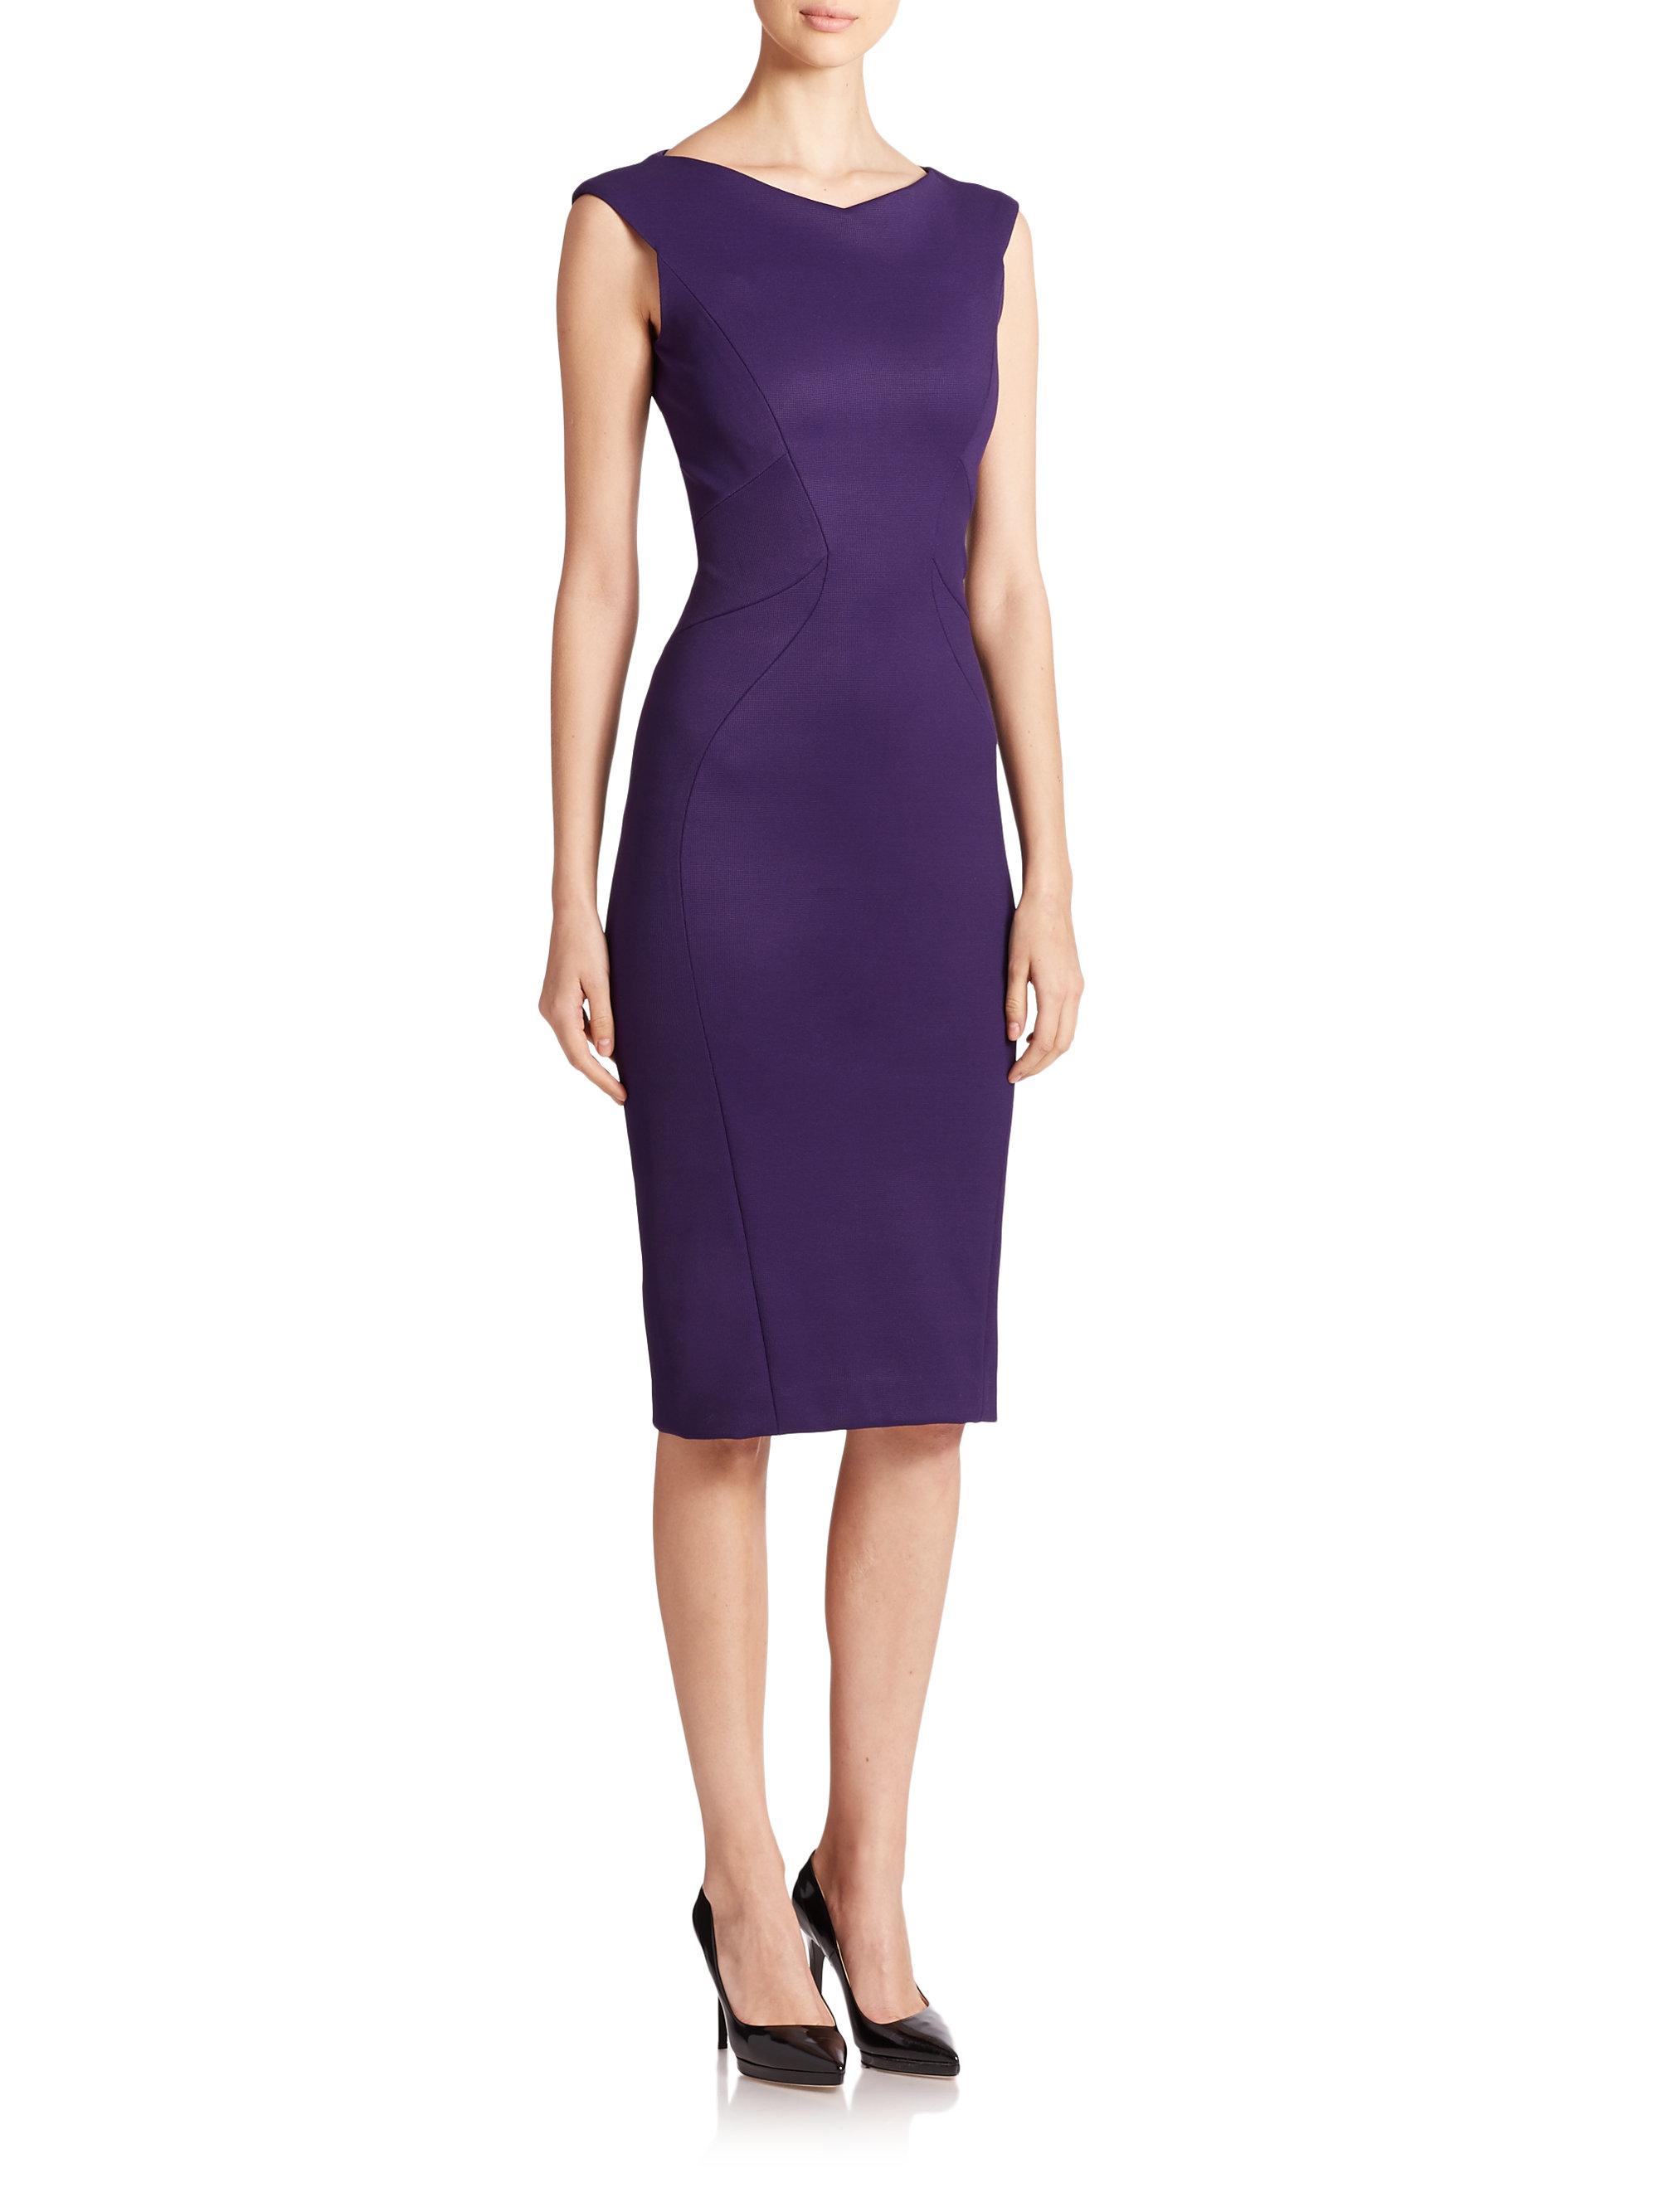 Lyst Zac Posen Jersey Sheath Dress In Purple